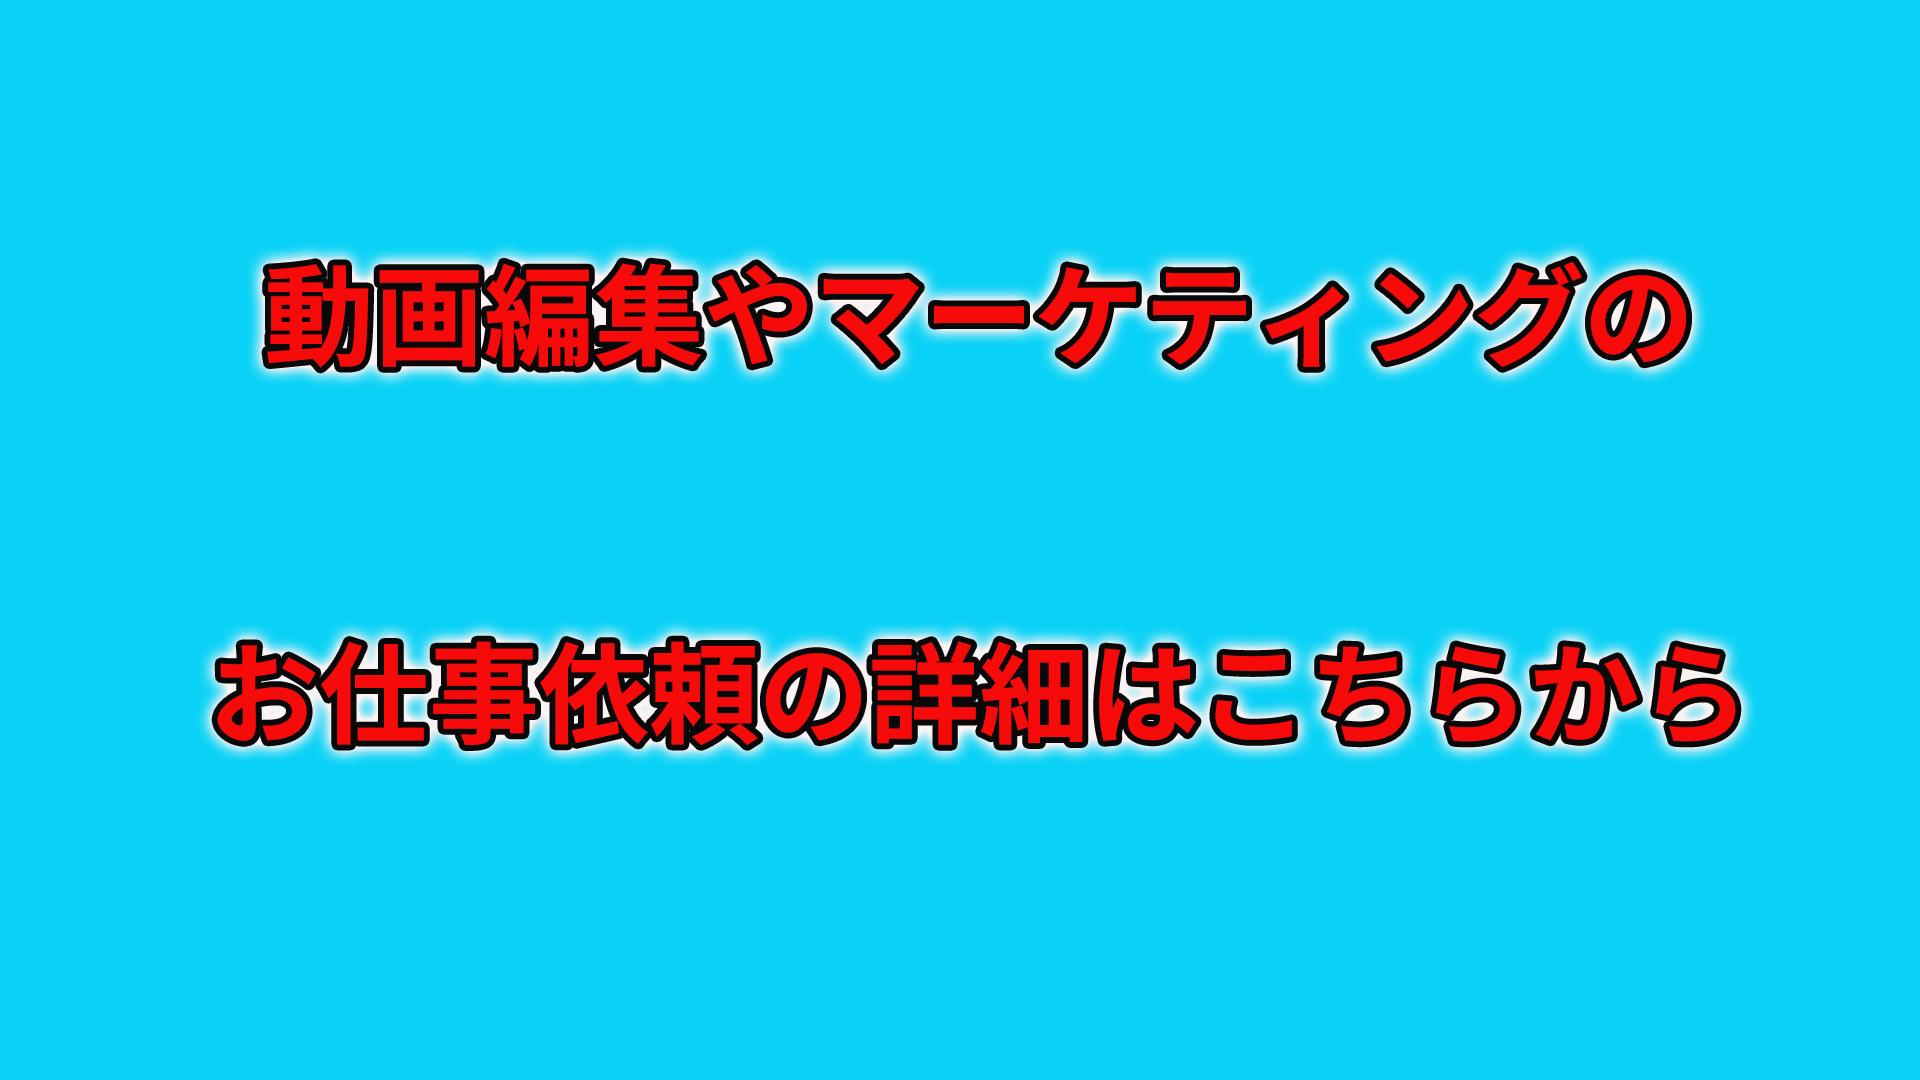 動画 編集 仕事